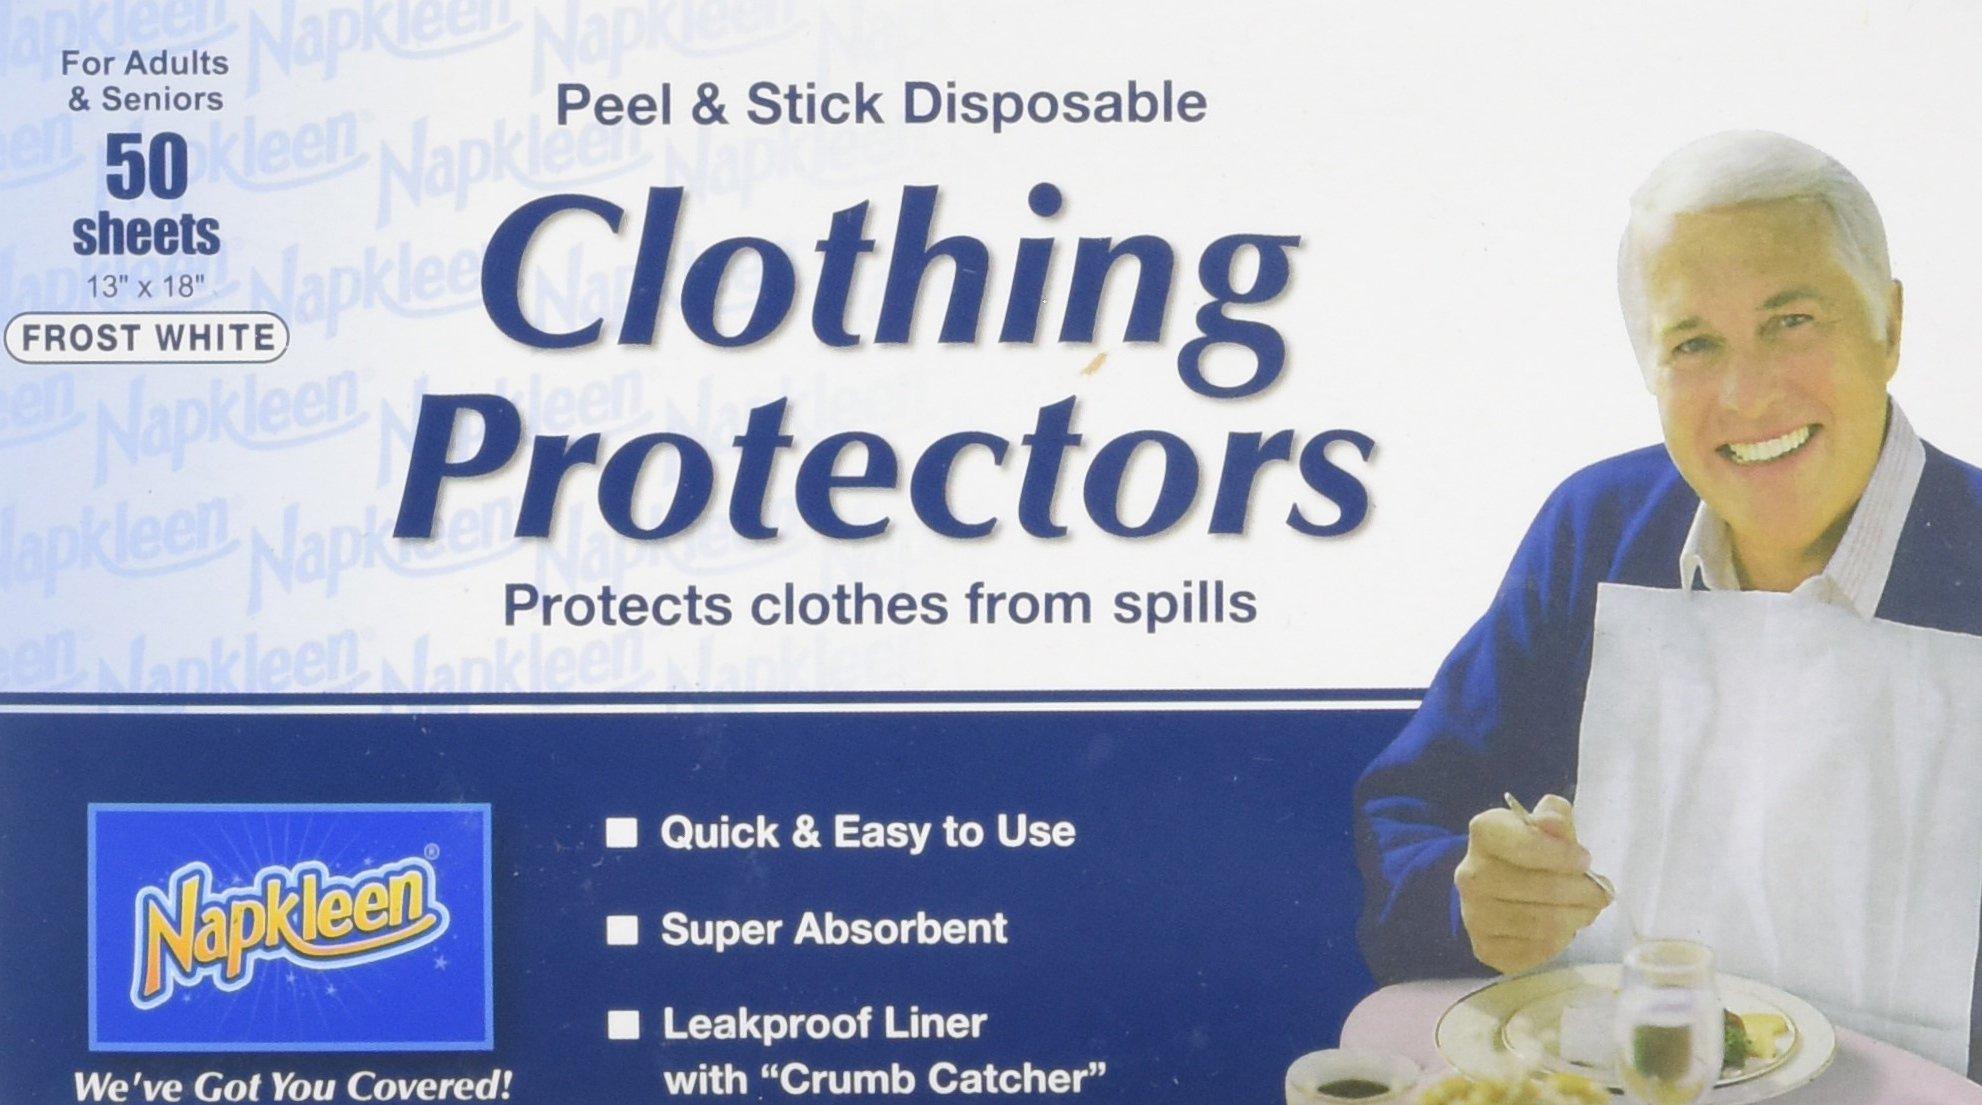 Napkleens Disposable Adult Bib, Case Pack